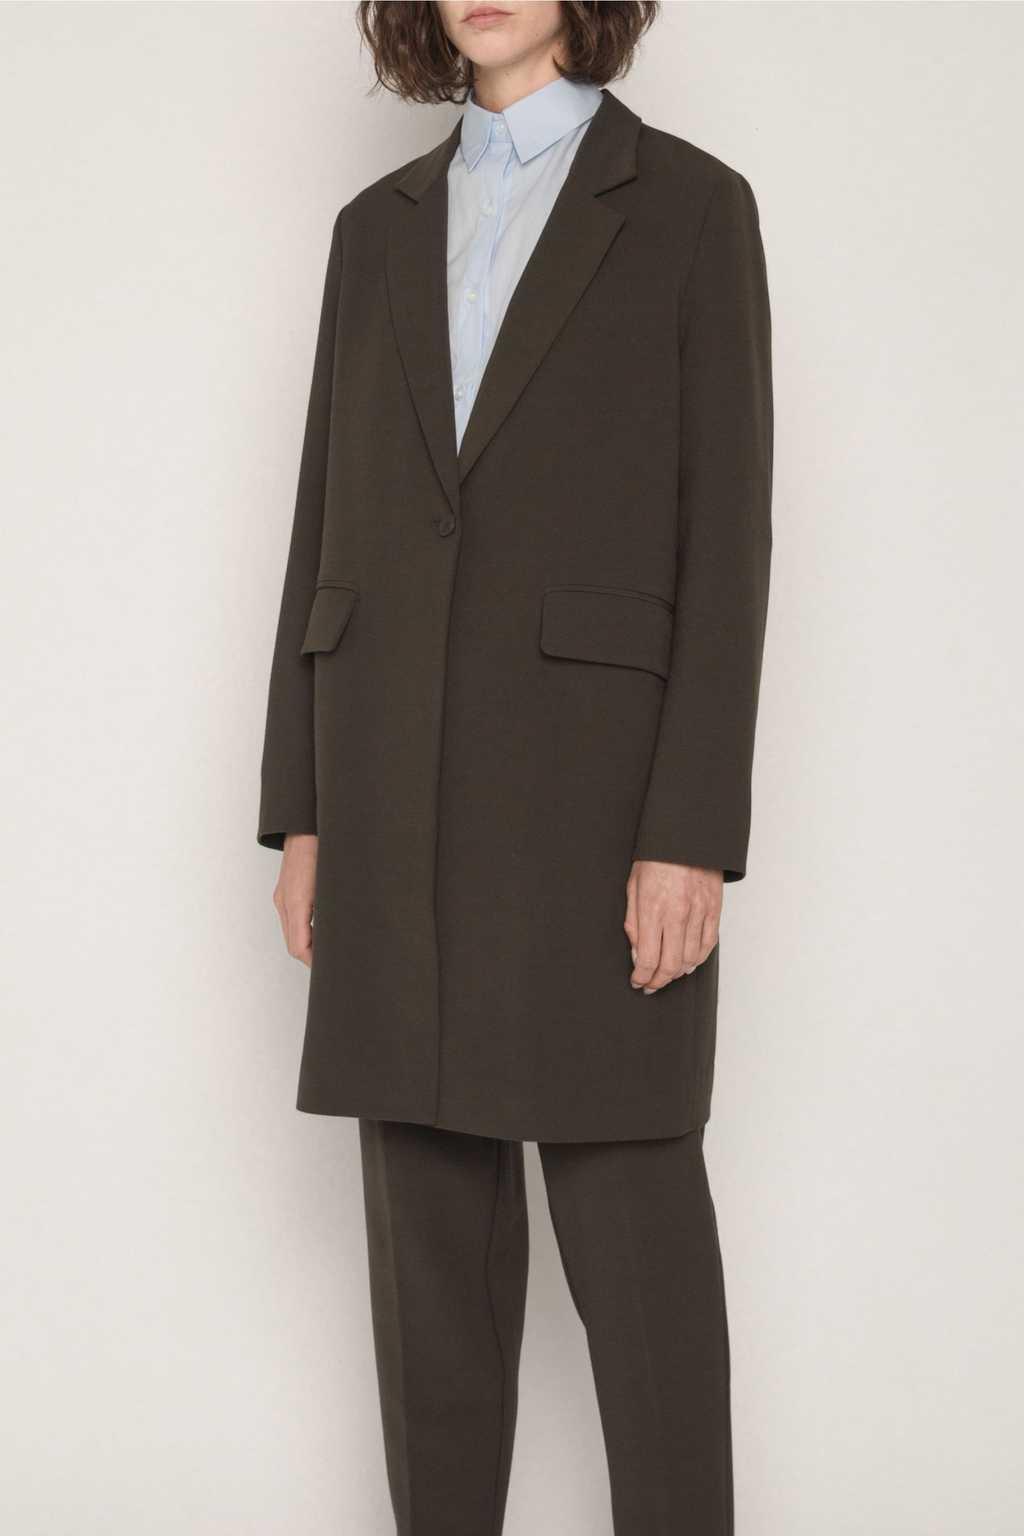 Jacket 1897 Olive 3